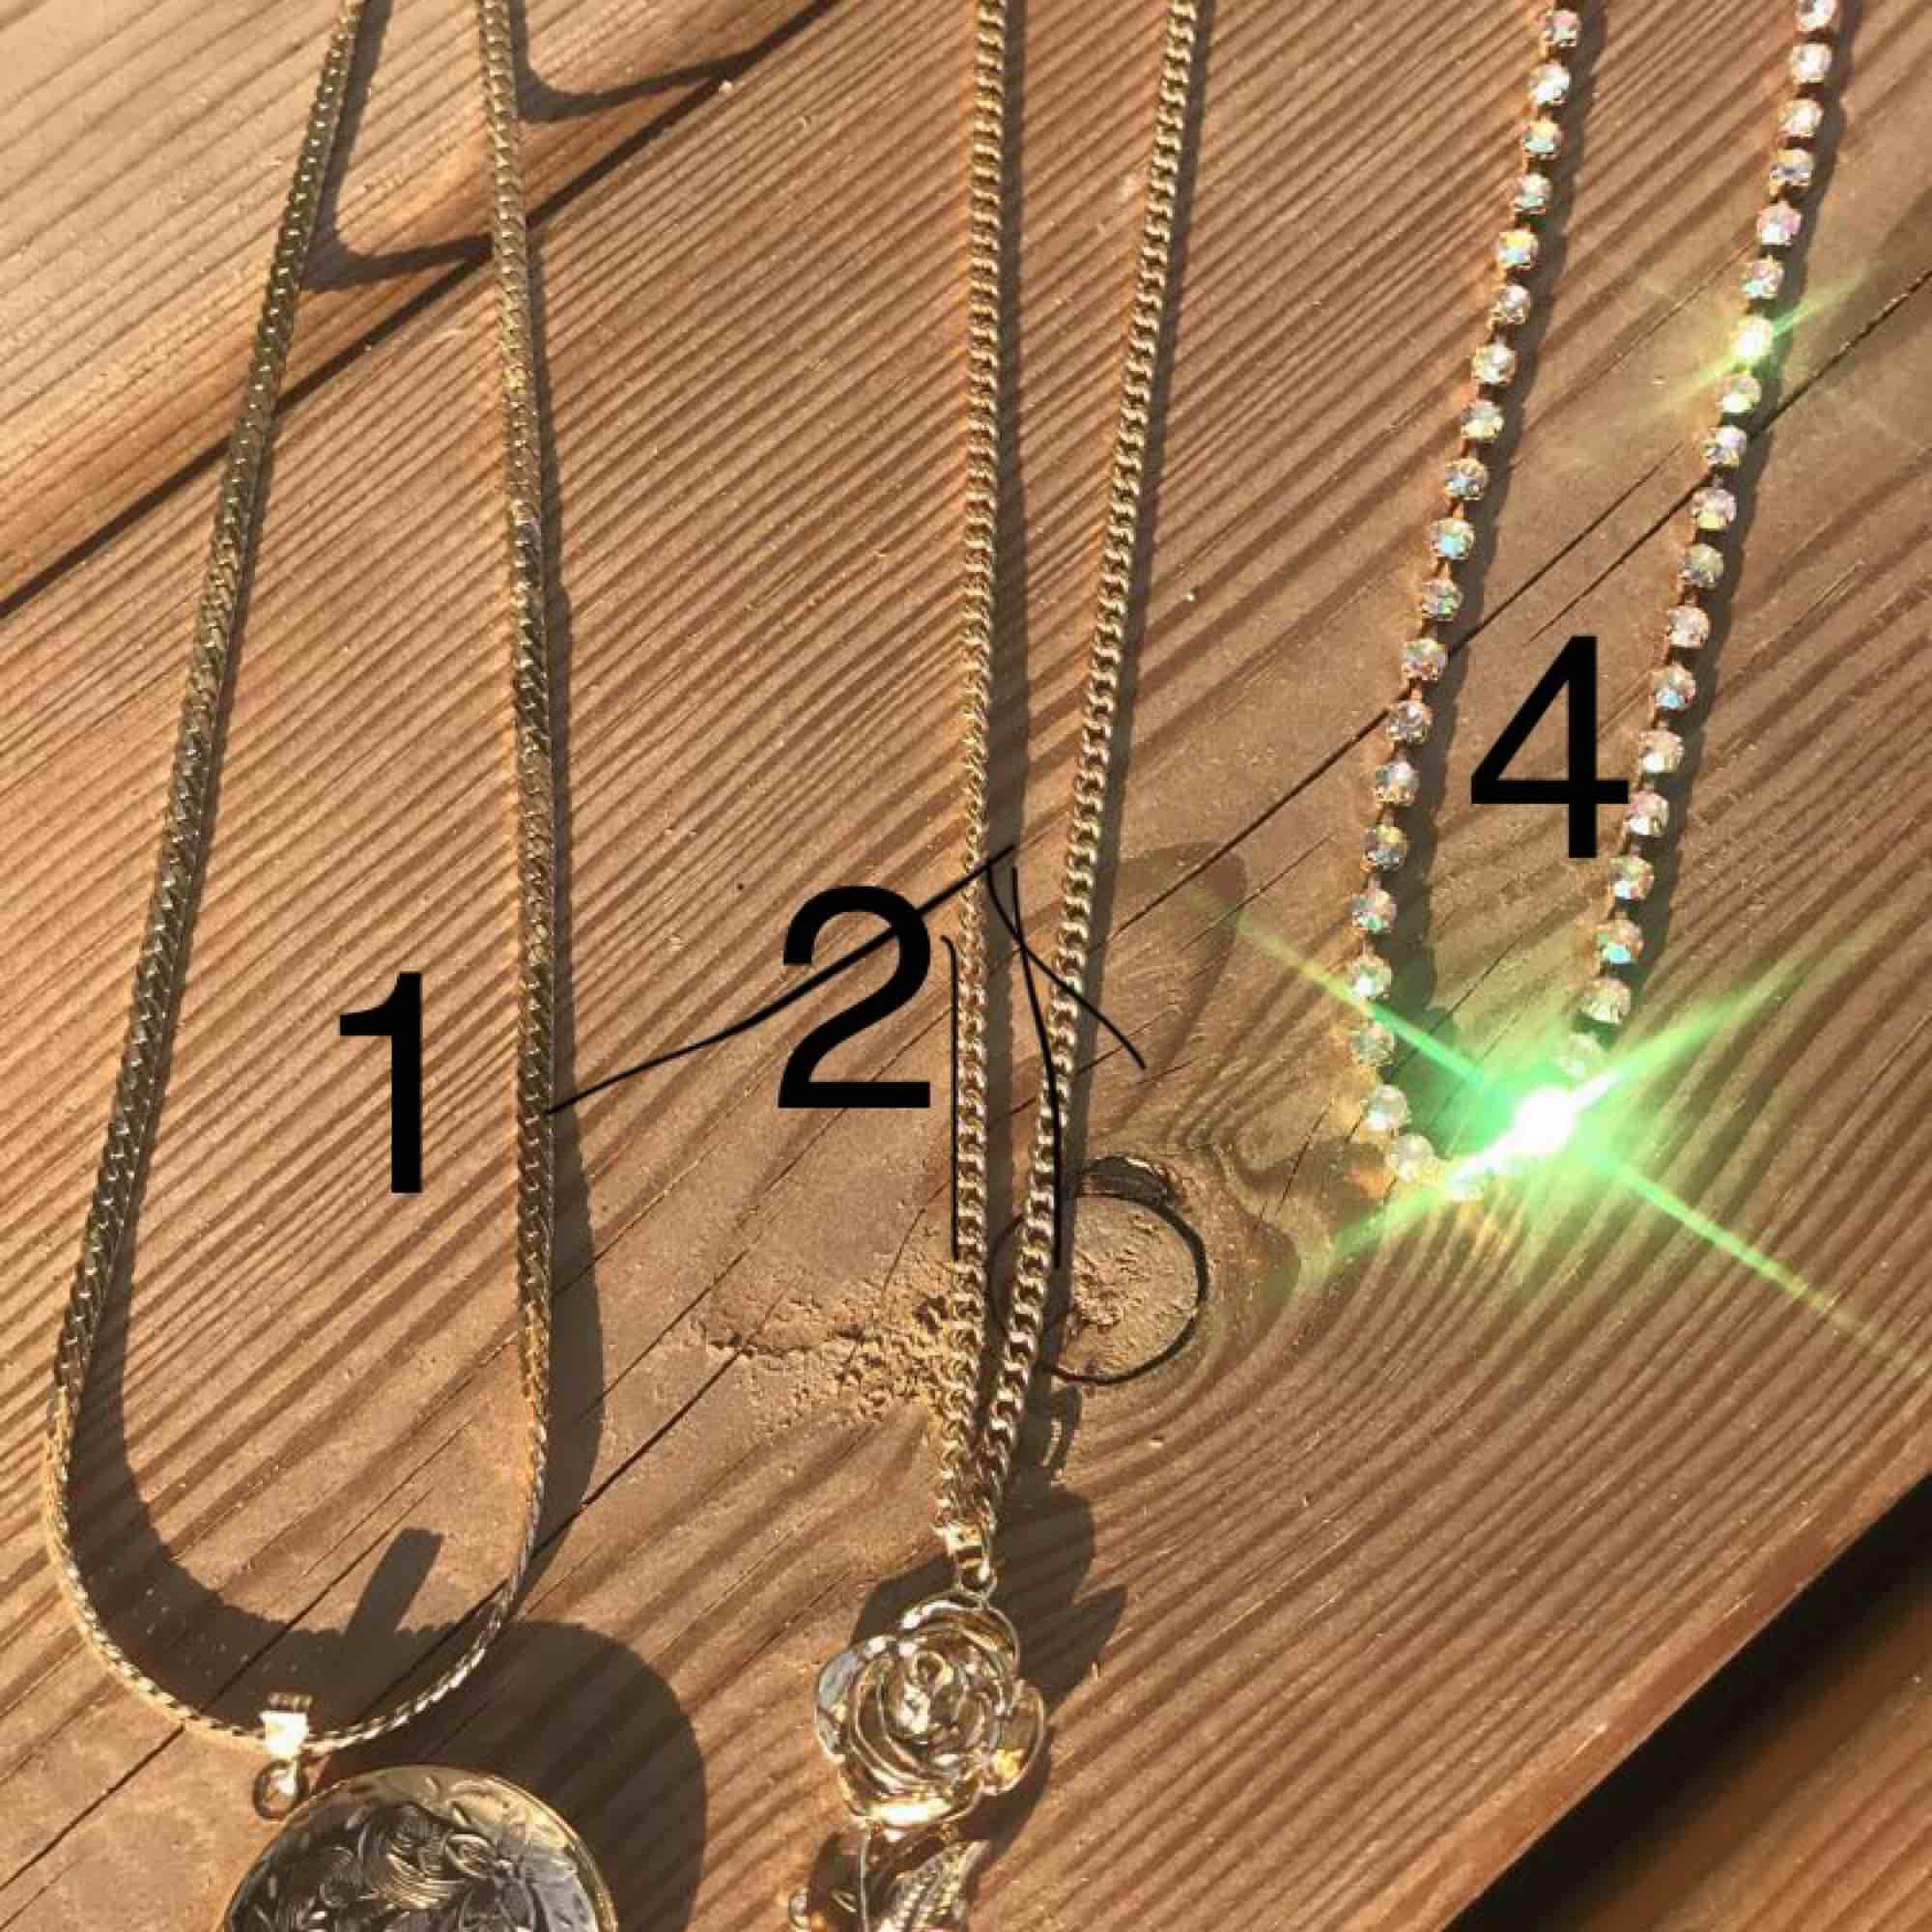 Fina halsband för 20kr styck +9kr frakt (ev. 18kr) Olika modeller i både guld och silver! Skriv om ni vill ha bättre bild på något av halsbanden!💛💛 Nr 2 & 4 & 5 sålda!!. Accessoarer.